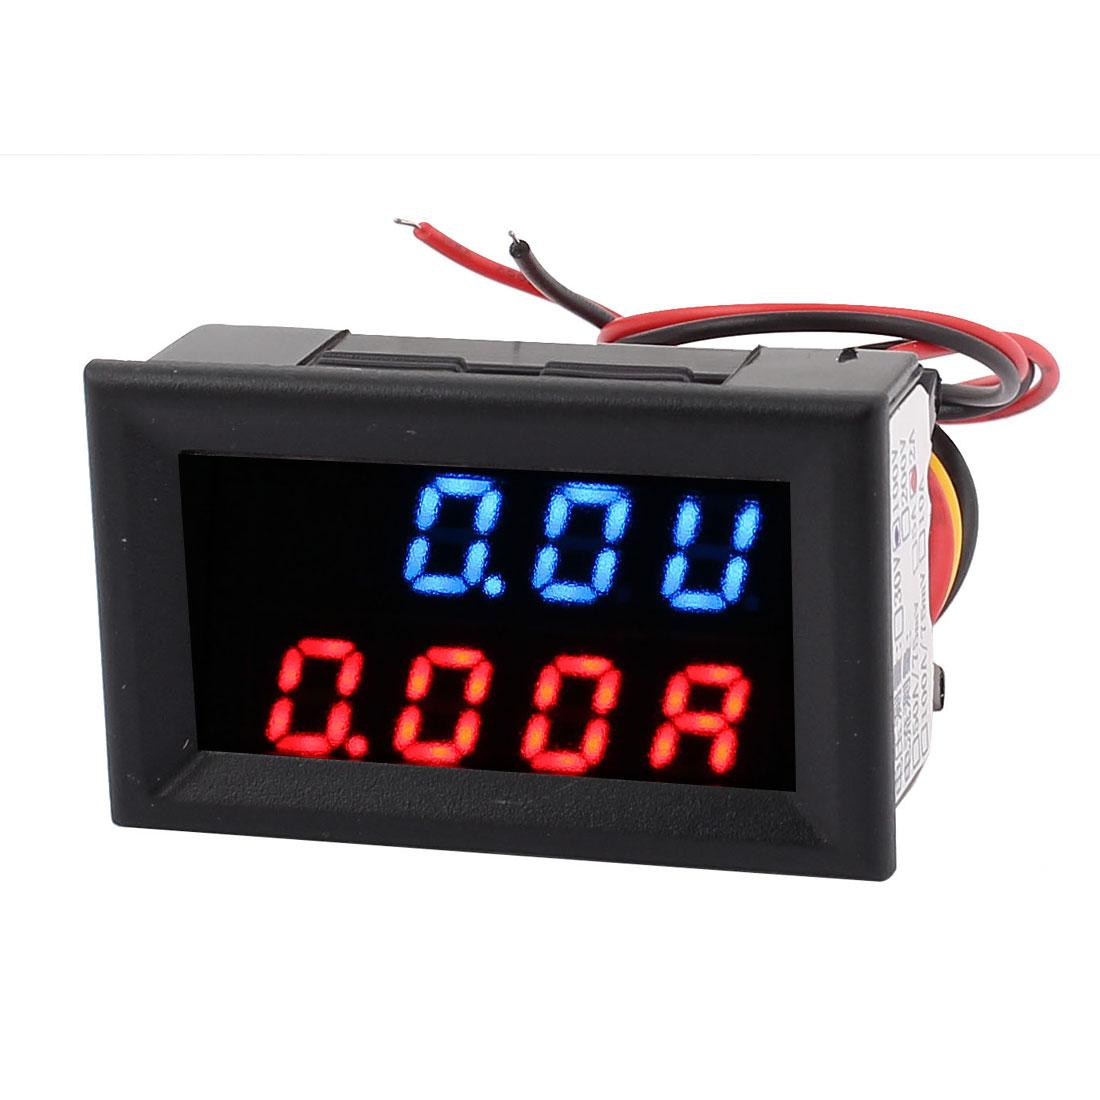 DC 0-100V 0-2A Blue Red LED Dual Digital Display Panel Voltmeter Ammeter Meter